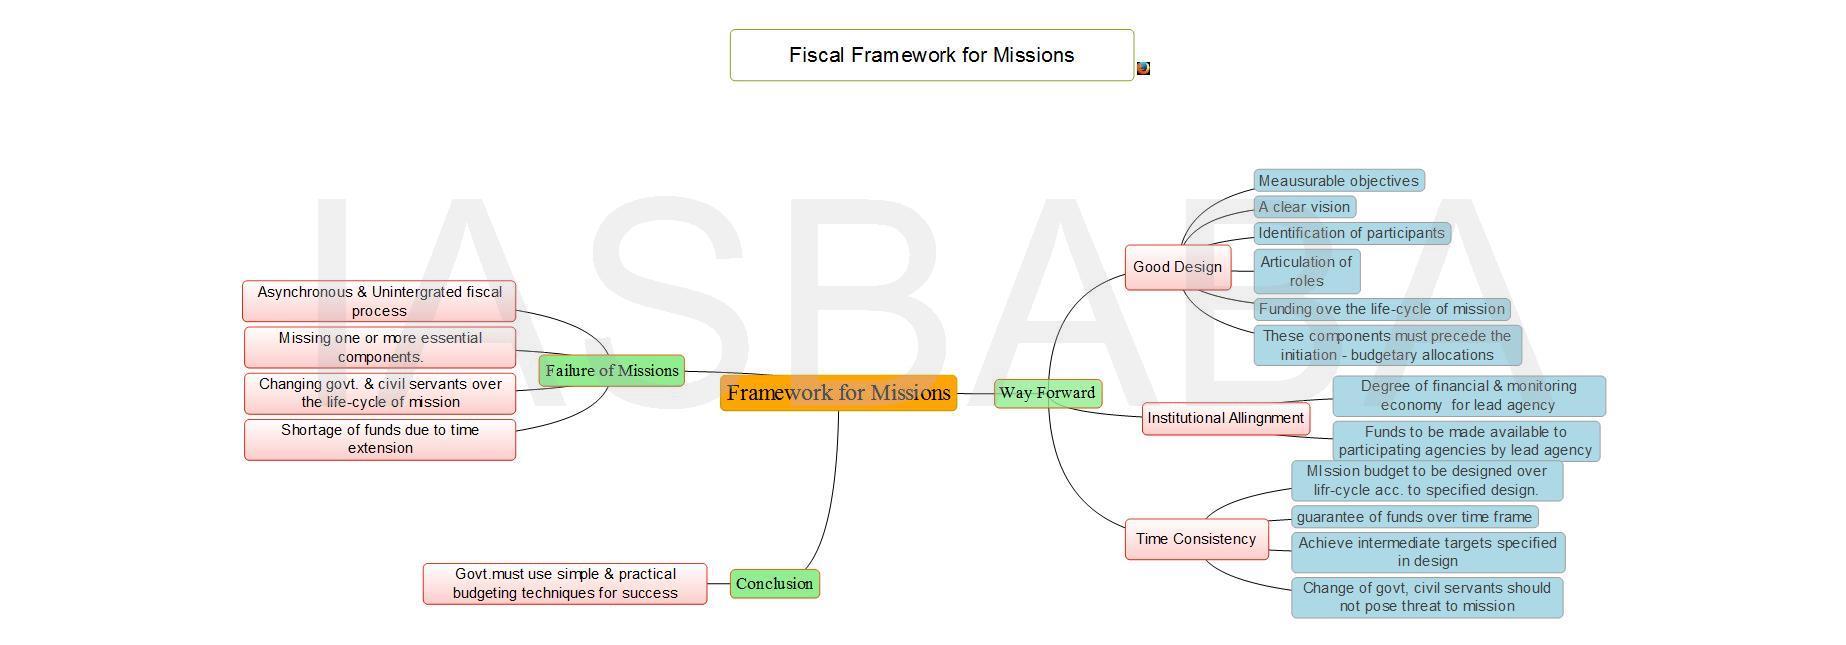 Framework for Missions